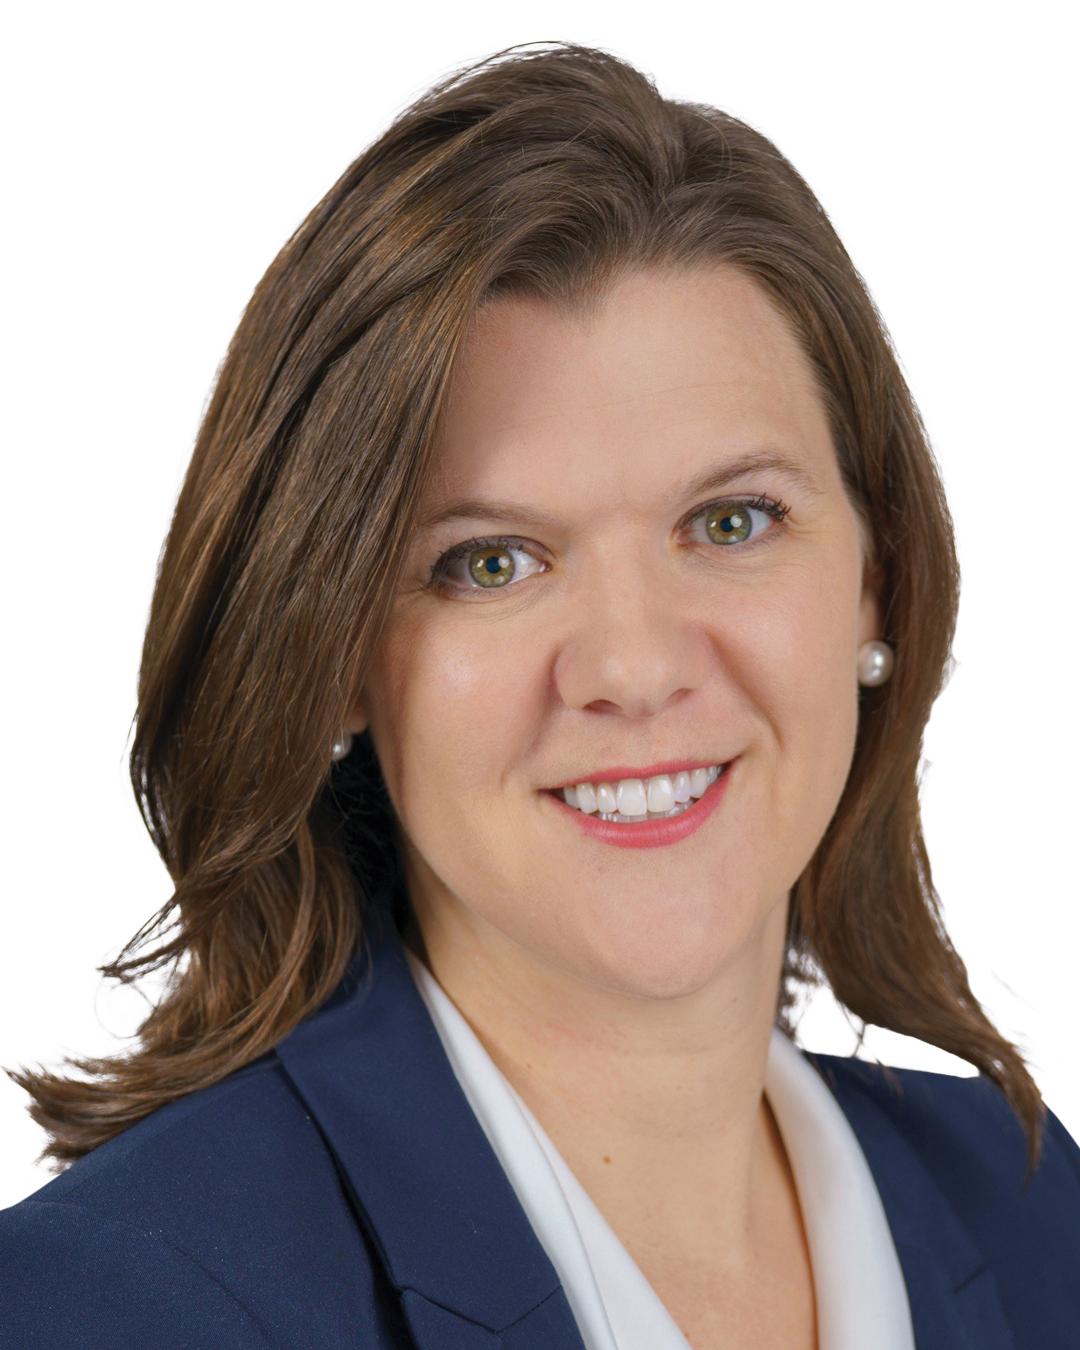 Atlanta 500: Sharon Mason